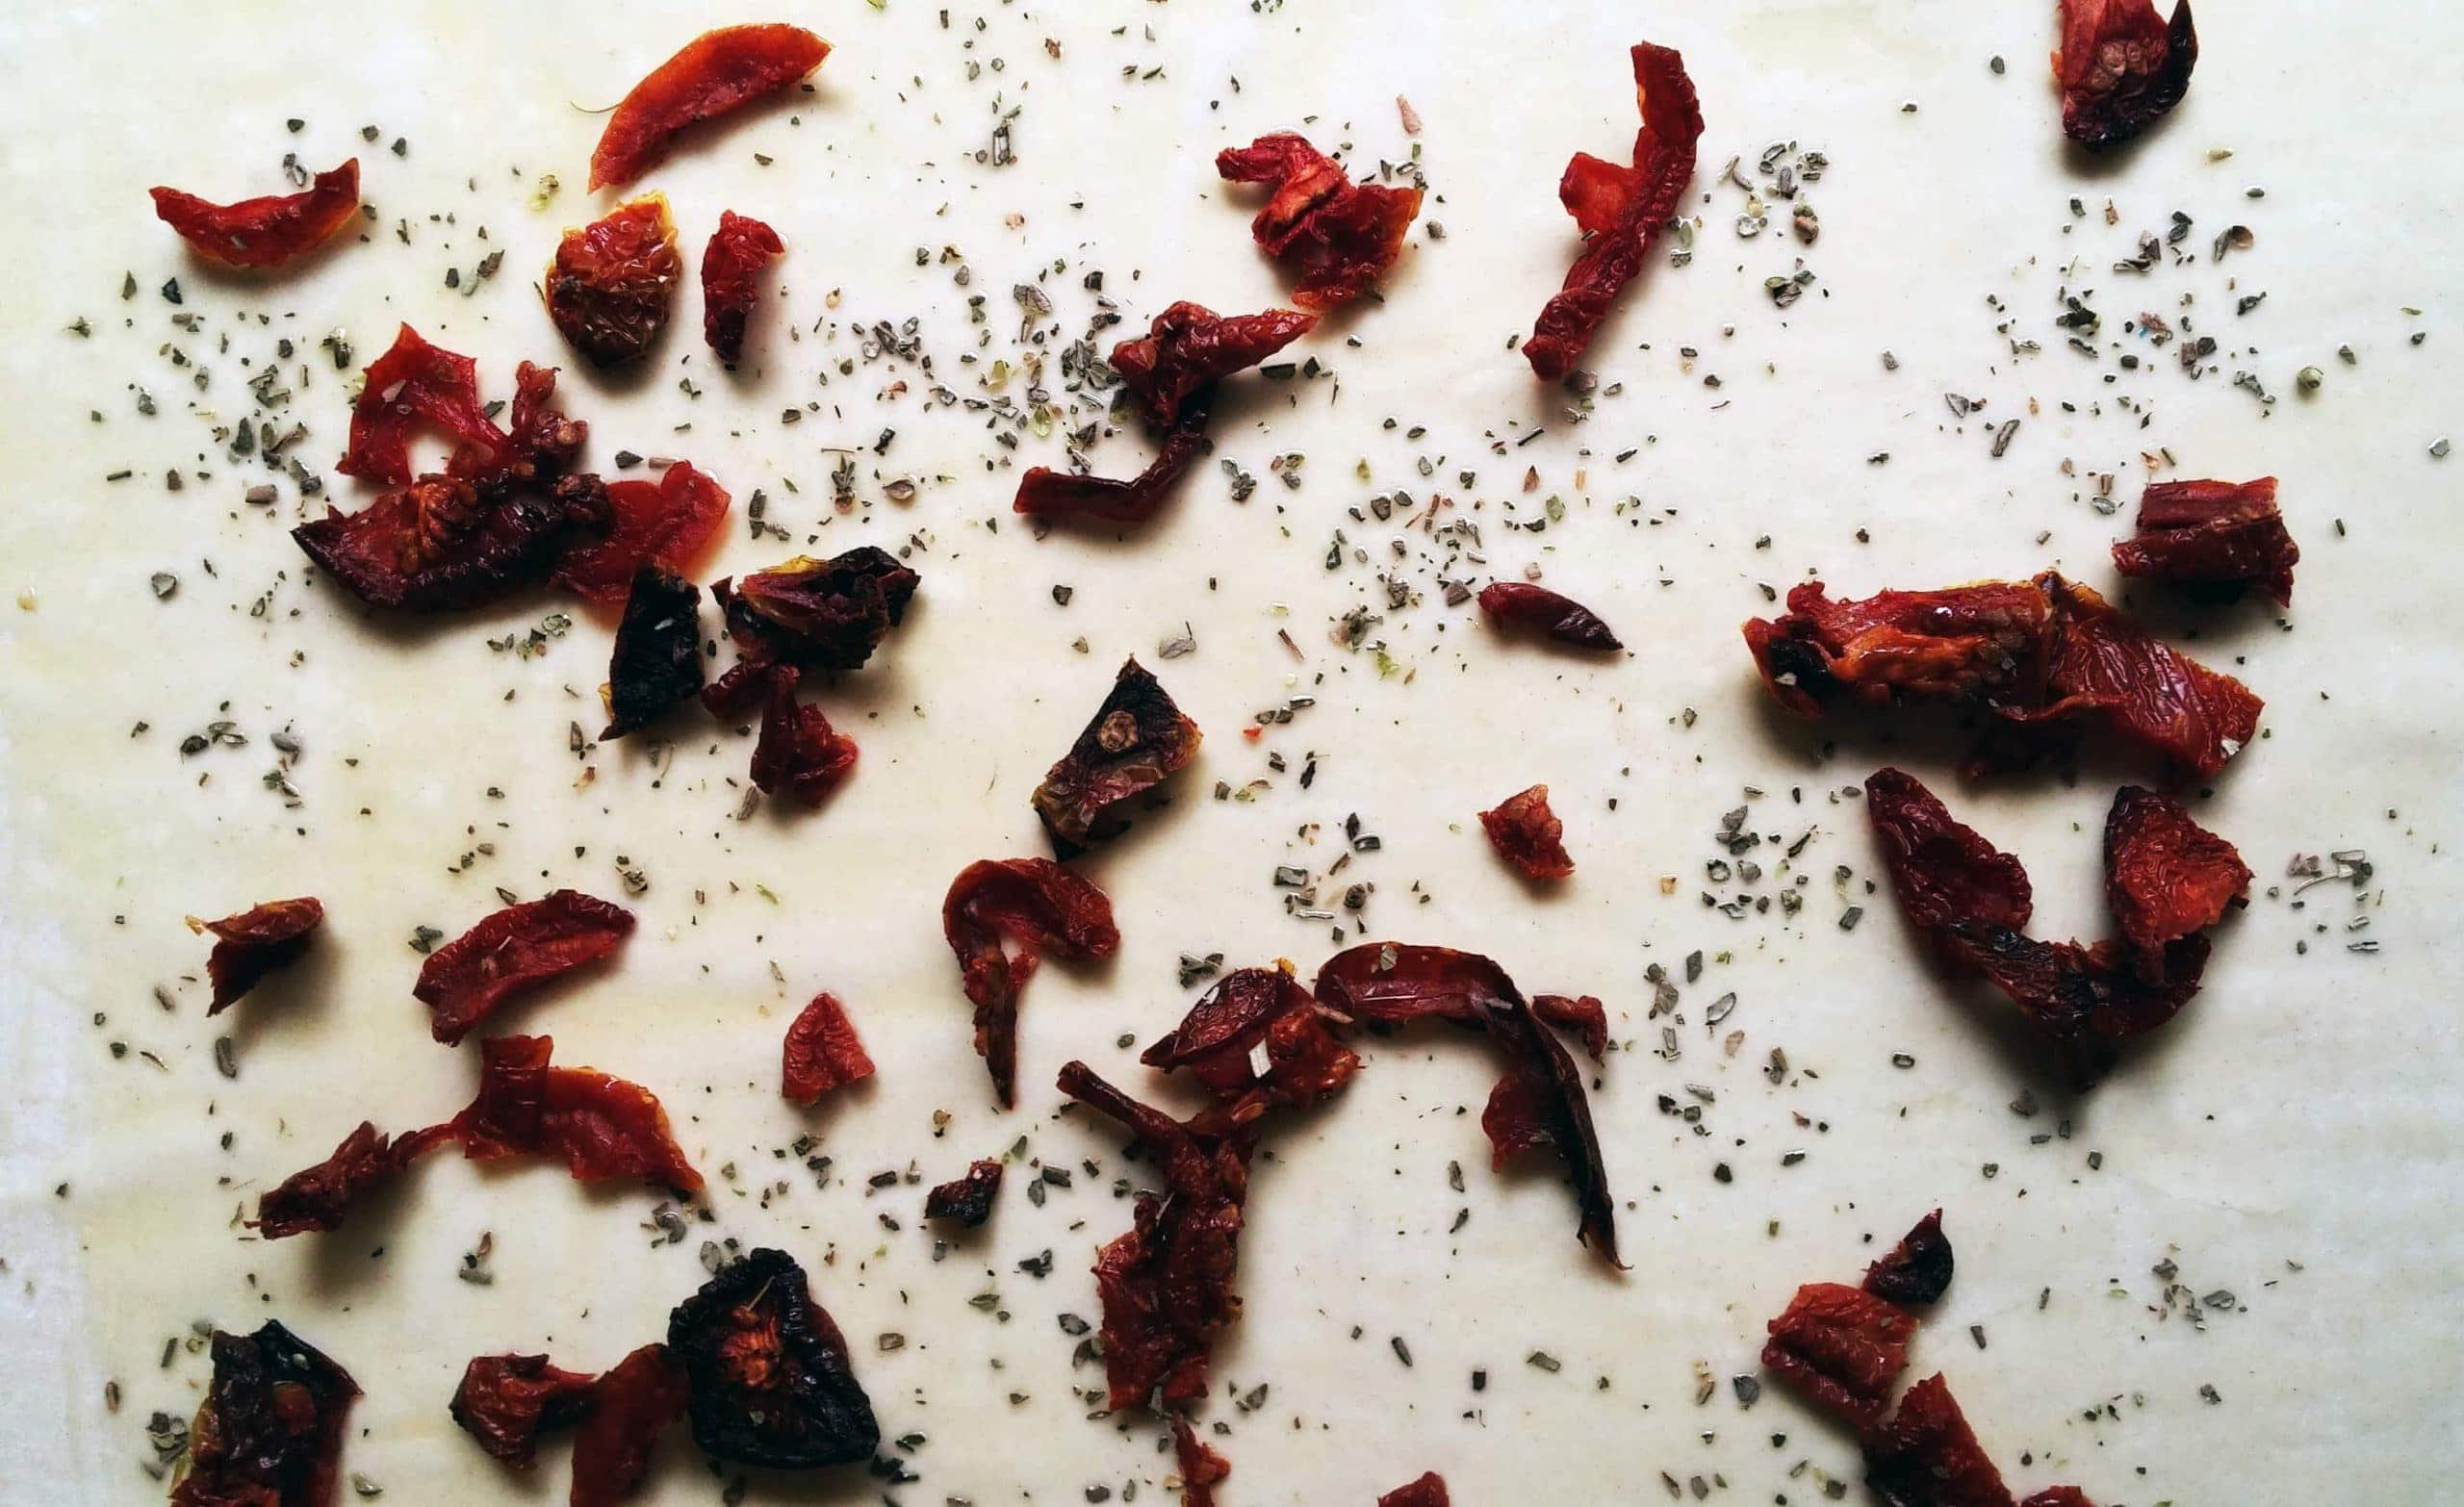 פרחי פילו במילוי עגבניות מיובשות ובצל